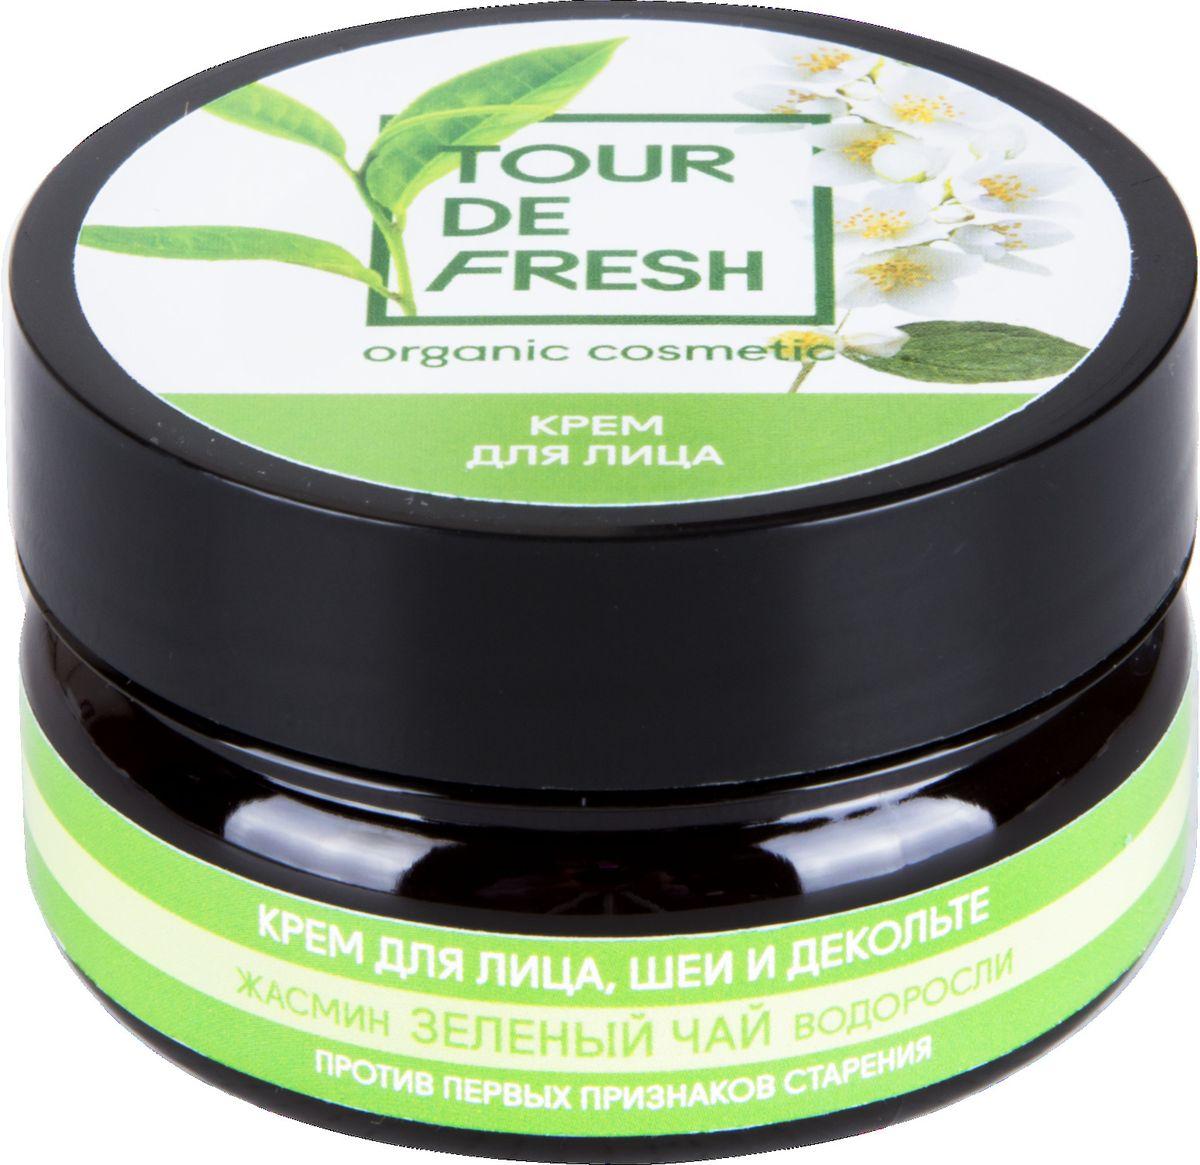 Tour De Fresh Крем для лица, шеи и декольте Зеленый чай, жасмин и водоросли, 60 млУФ000000007Крем предназначен для борьбы с первыми признаками старения. Зеленый чай богат антиоксидантами и ускоряет процессы восстановления клеток. Экстракт морских водорослей тонизирует и подтягивает, разглаживая мелкие морщины. Масло жасмина глубоко питает и увлажняет кожу.